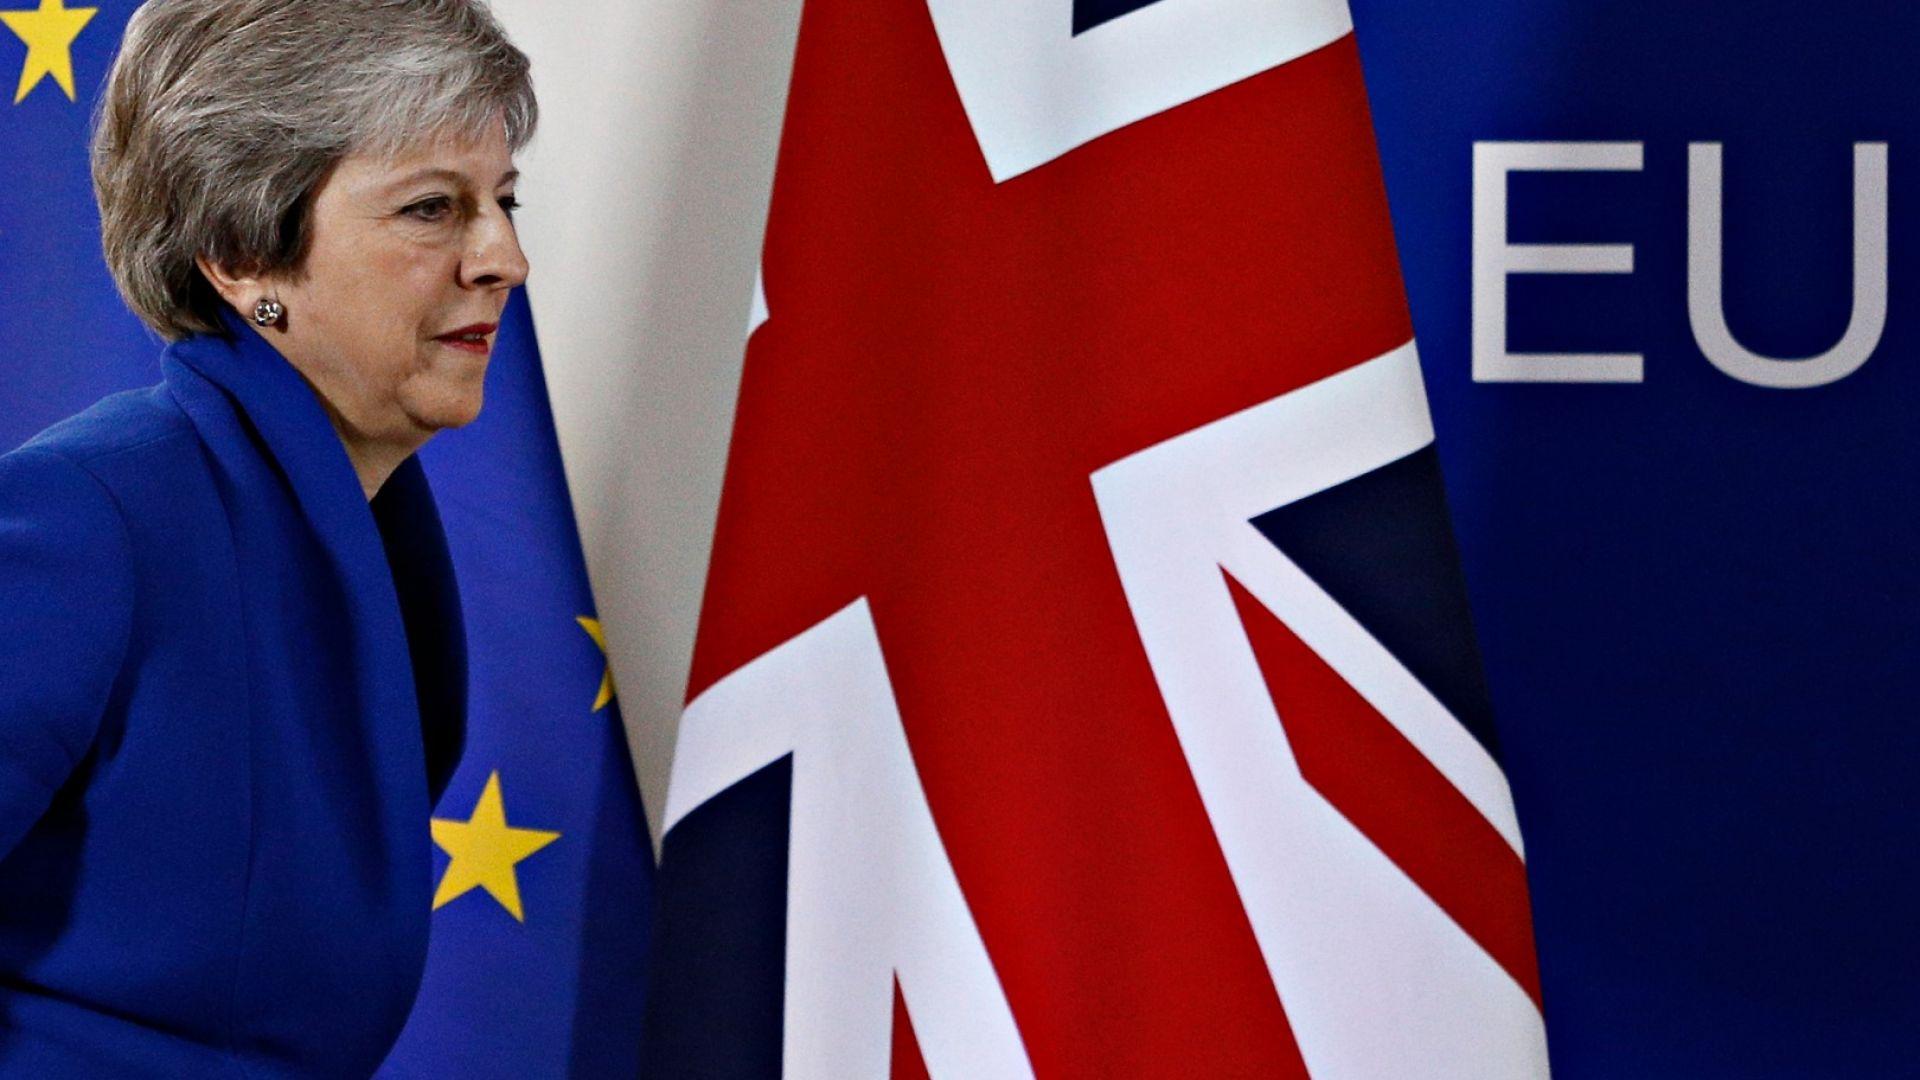 Икономисти: Сделката на Мей е по-добър вариант от отлагане на Brexit